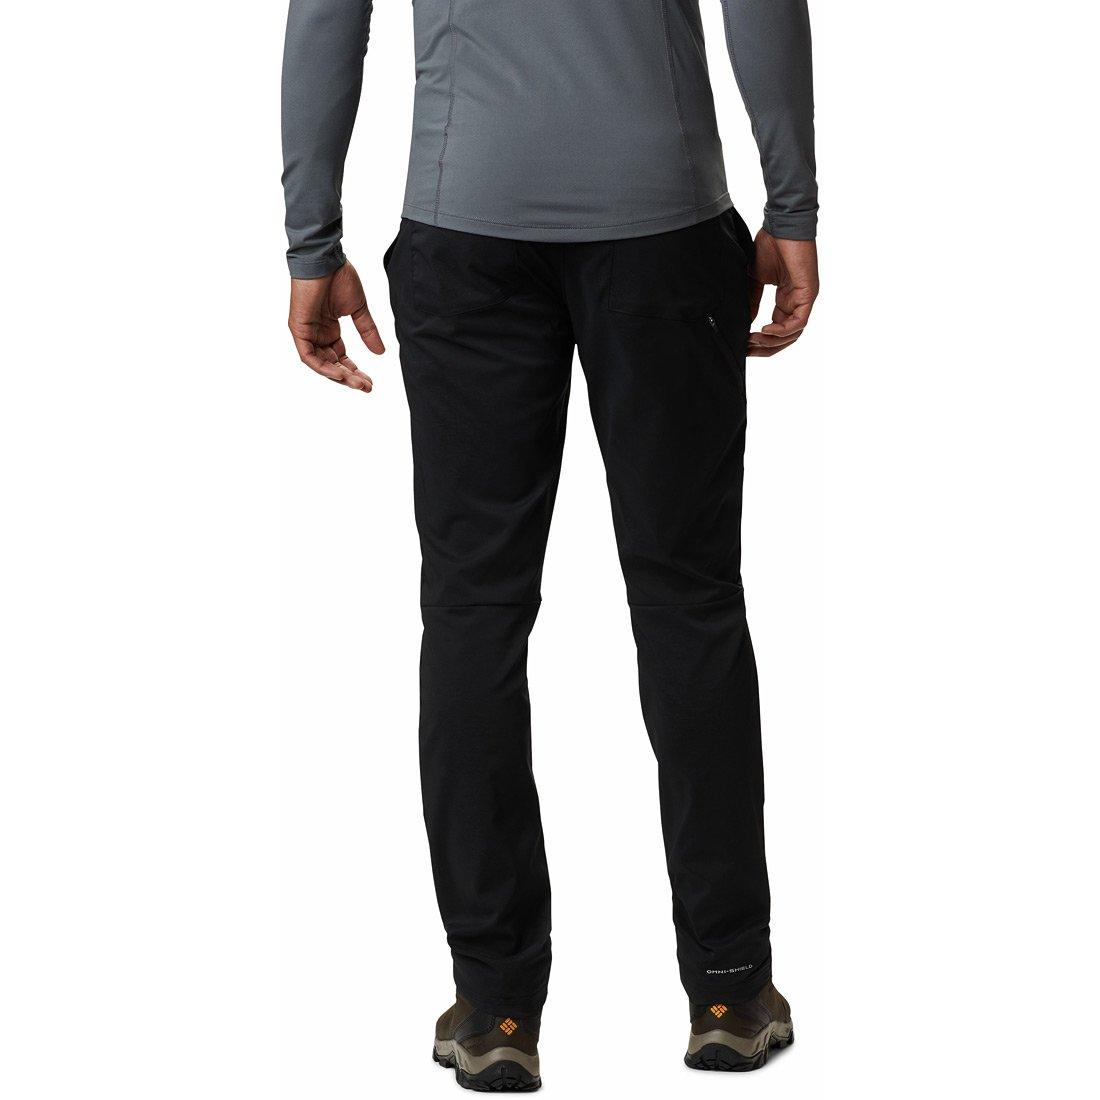 מכנסי טיולים ארוכים לגברים - Tech Trail Hiker - Columbia